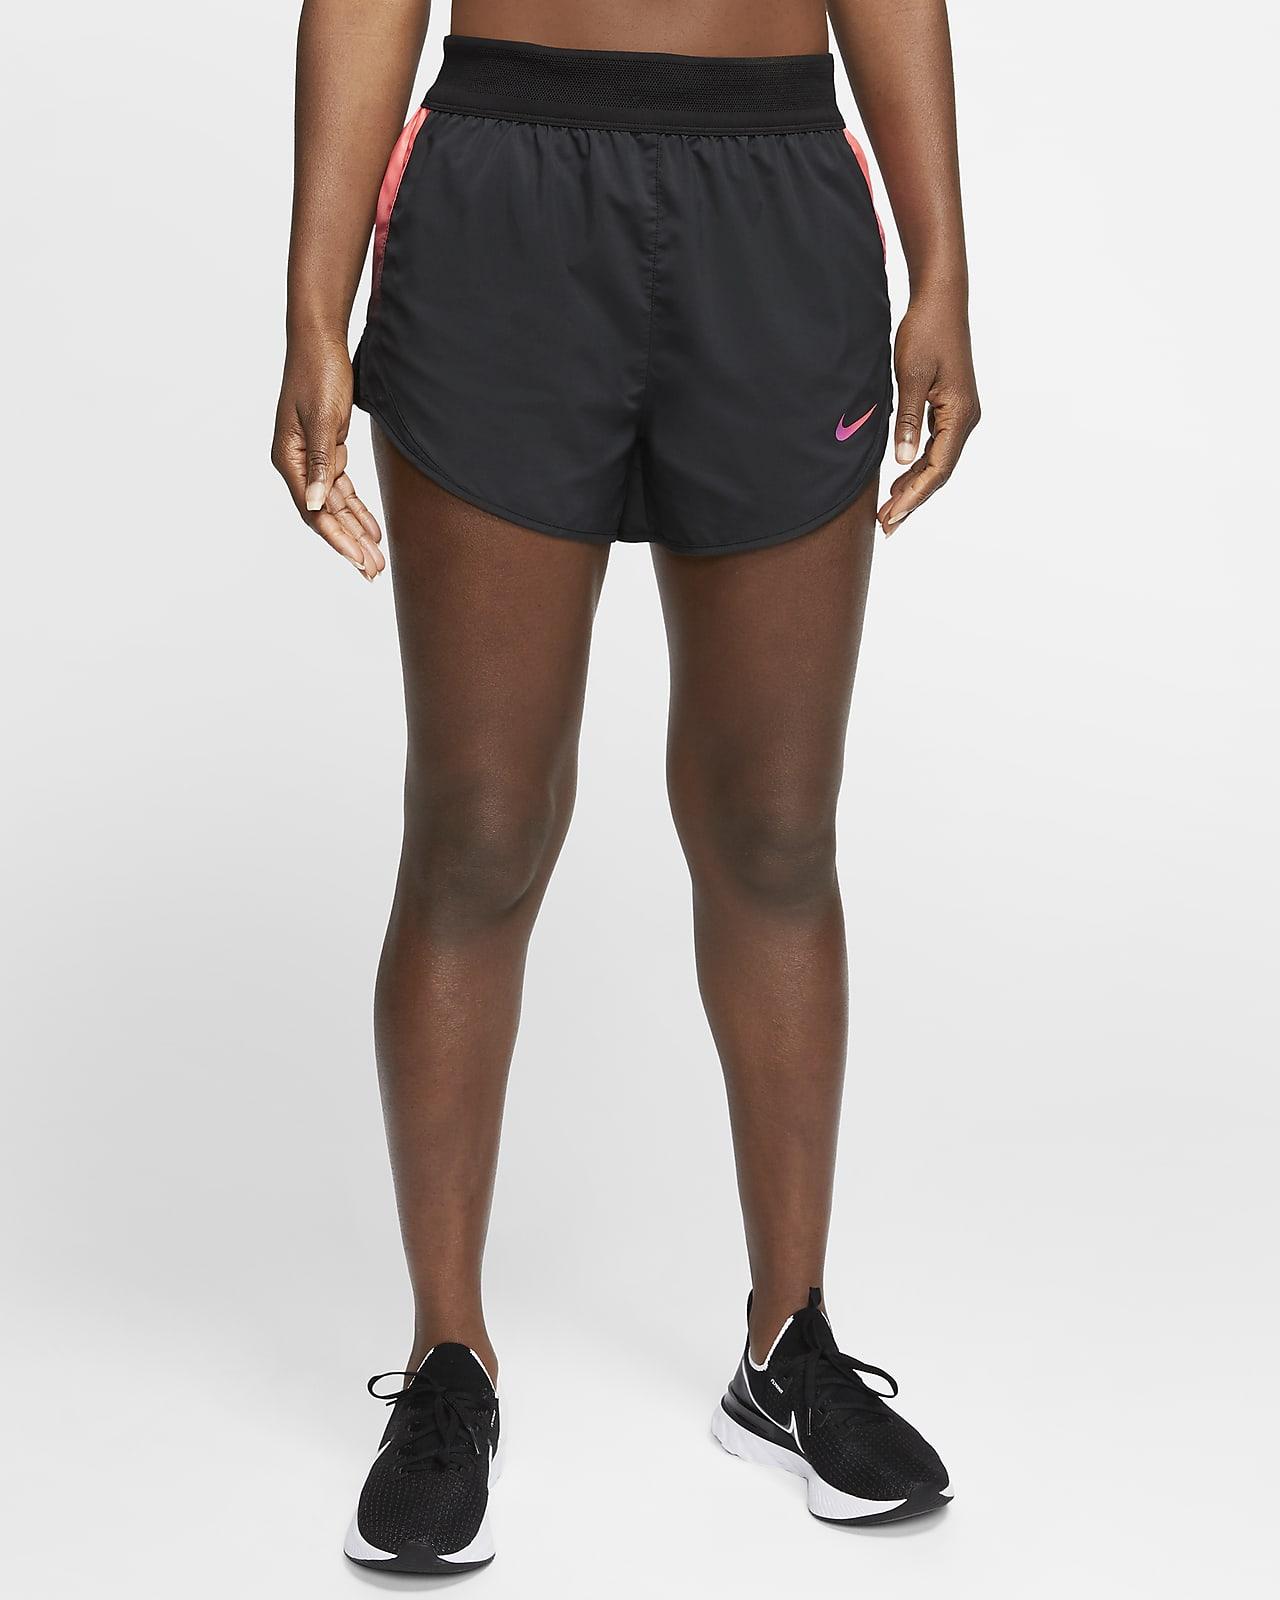 Γυναικείο σορτς για τρέξιμο Nike